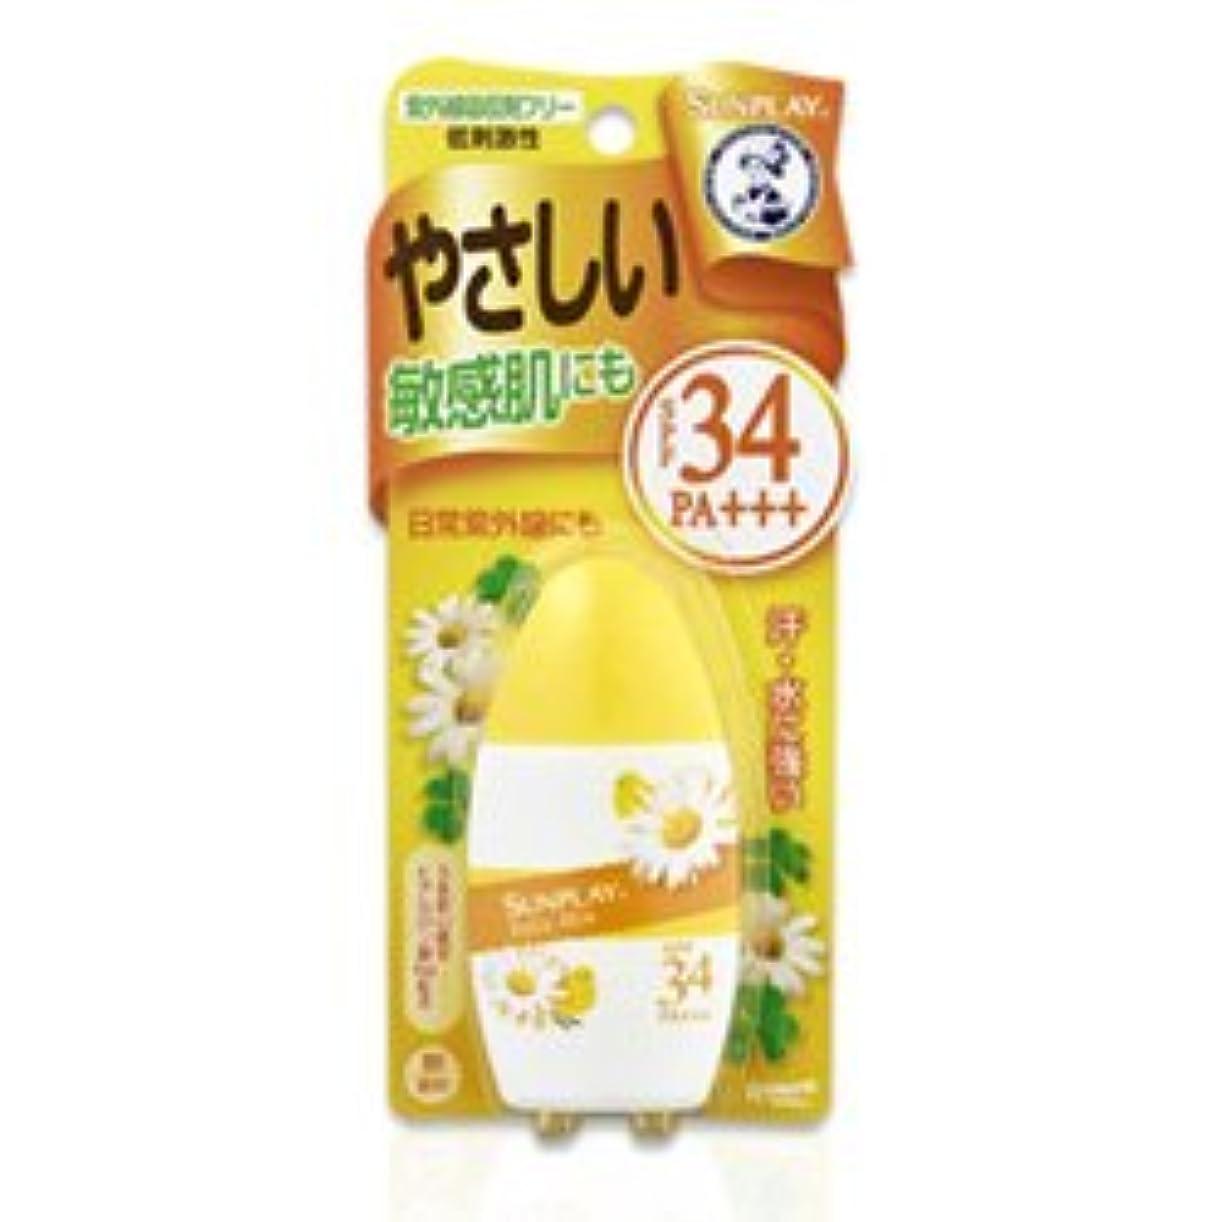 【ロート製薬】メンソレータム サンプレイ ベビーミルク 30g ×5個セット